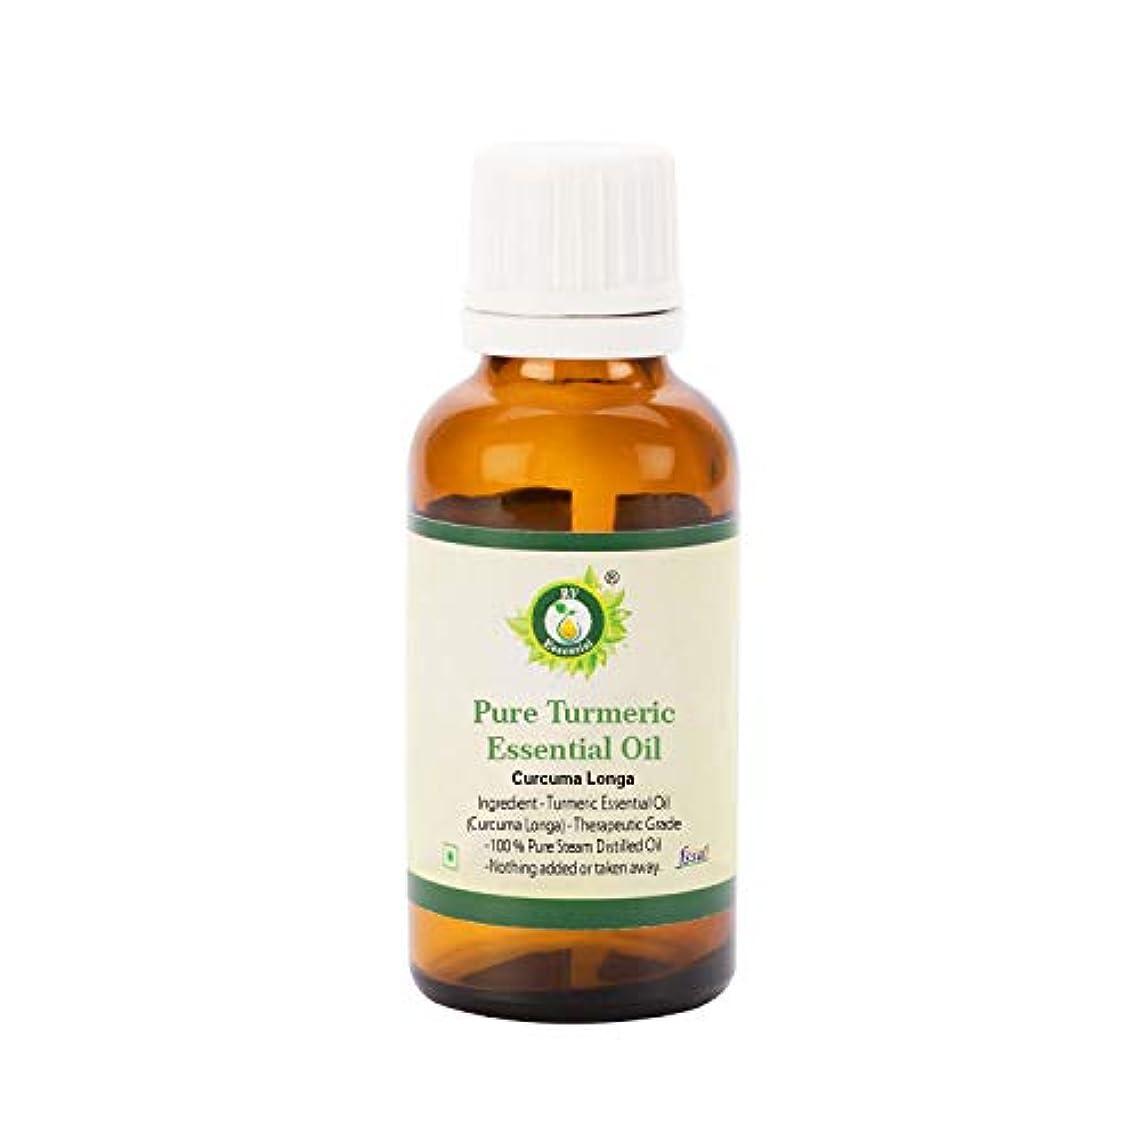 ますます契約する文字R V Essential 純粋なウコン精油5ml (0.169oz)- Curcuma Longa (100%純粋&天然スチームDistilled) Pure Turmeric Essential Oil